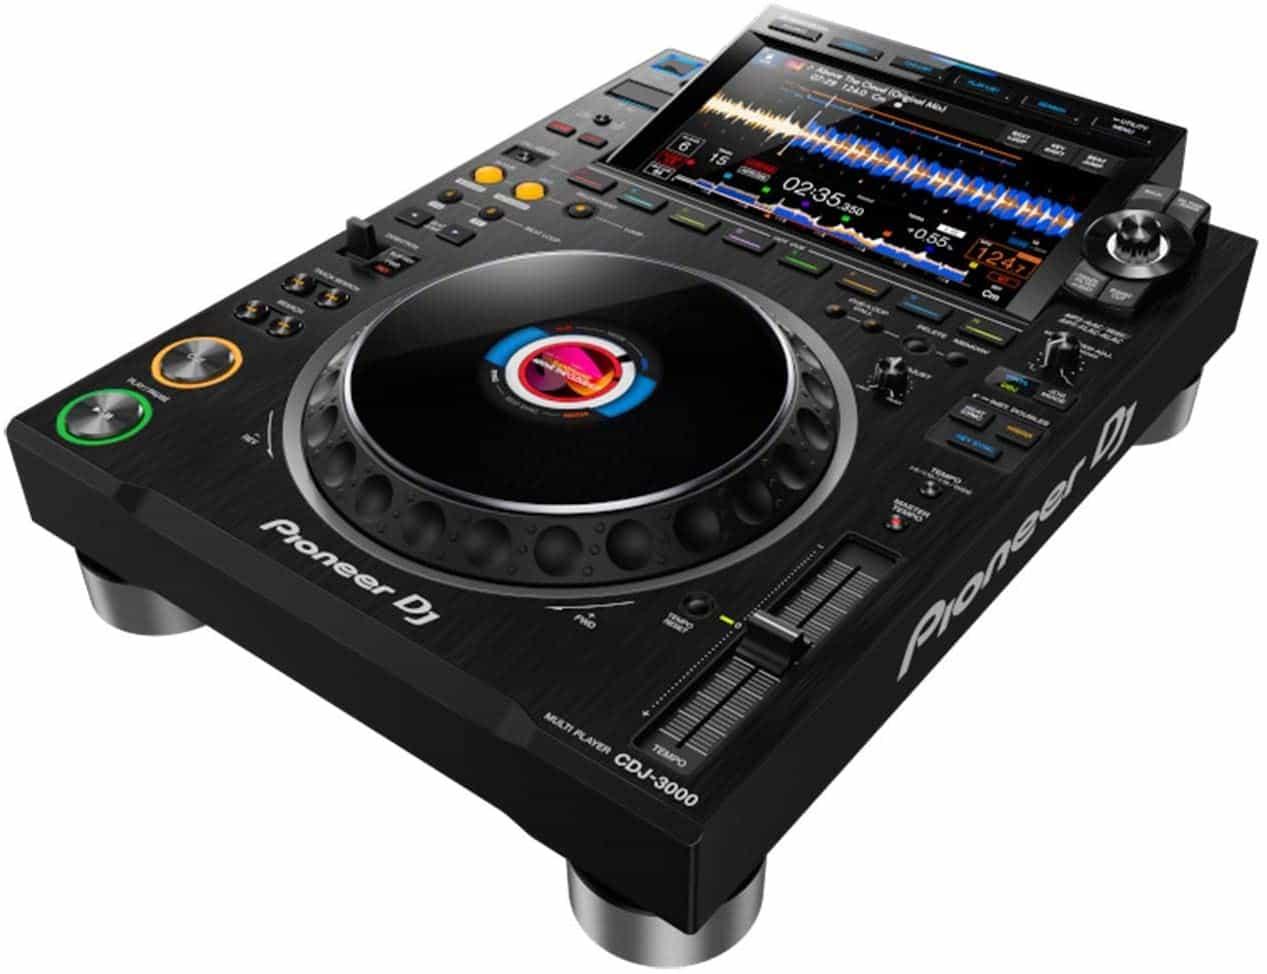 Nuevas funciones hacen avanzar el juego de DJ 2